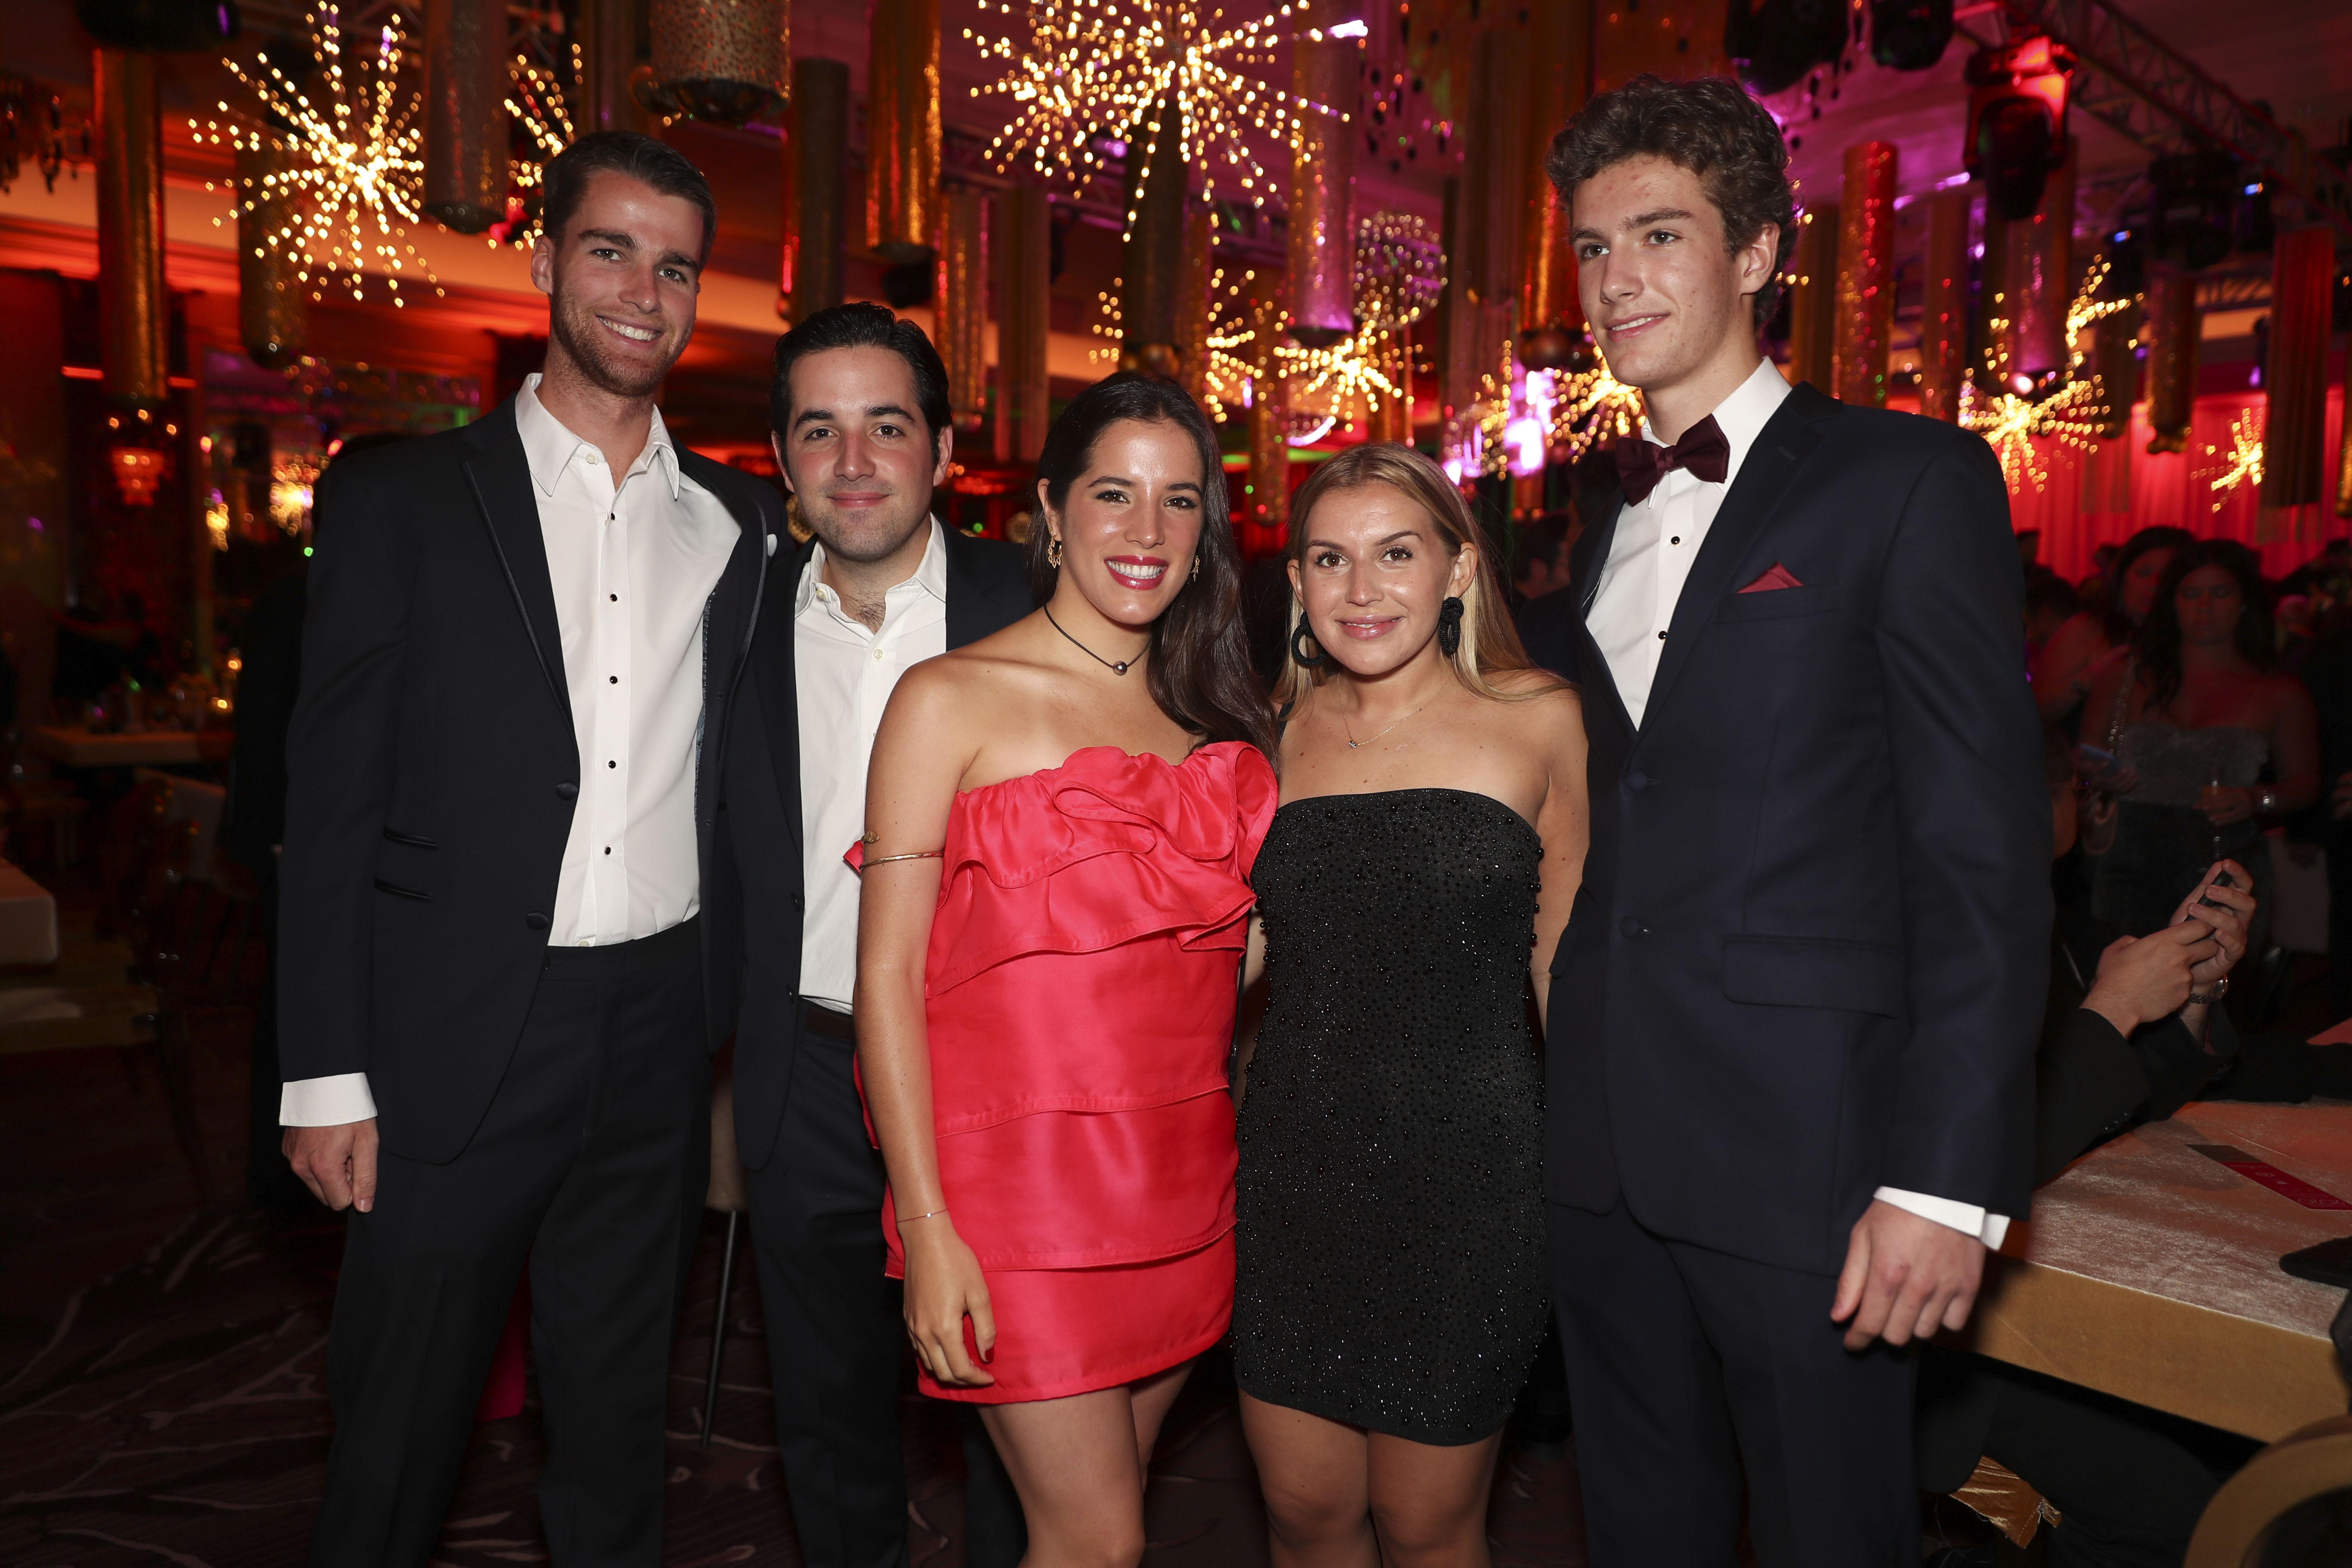 John McCurty, Luis Ferré, Isabel Ferré, Sammy Ferrer y Joseph McCurty. (Suministrada)